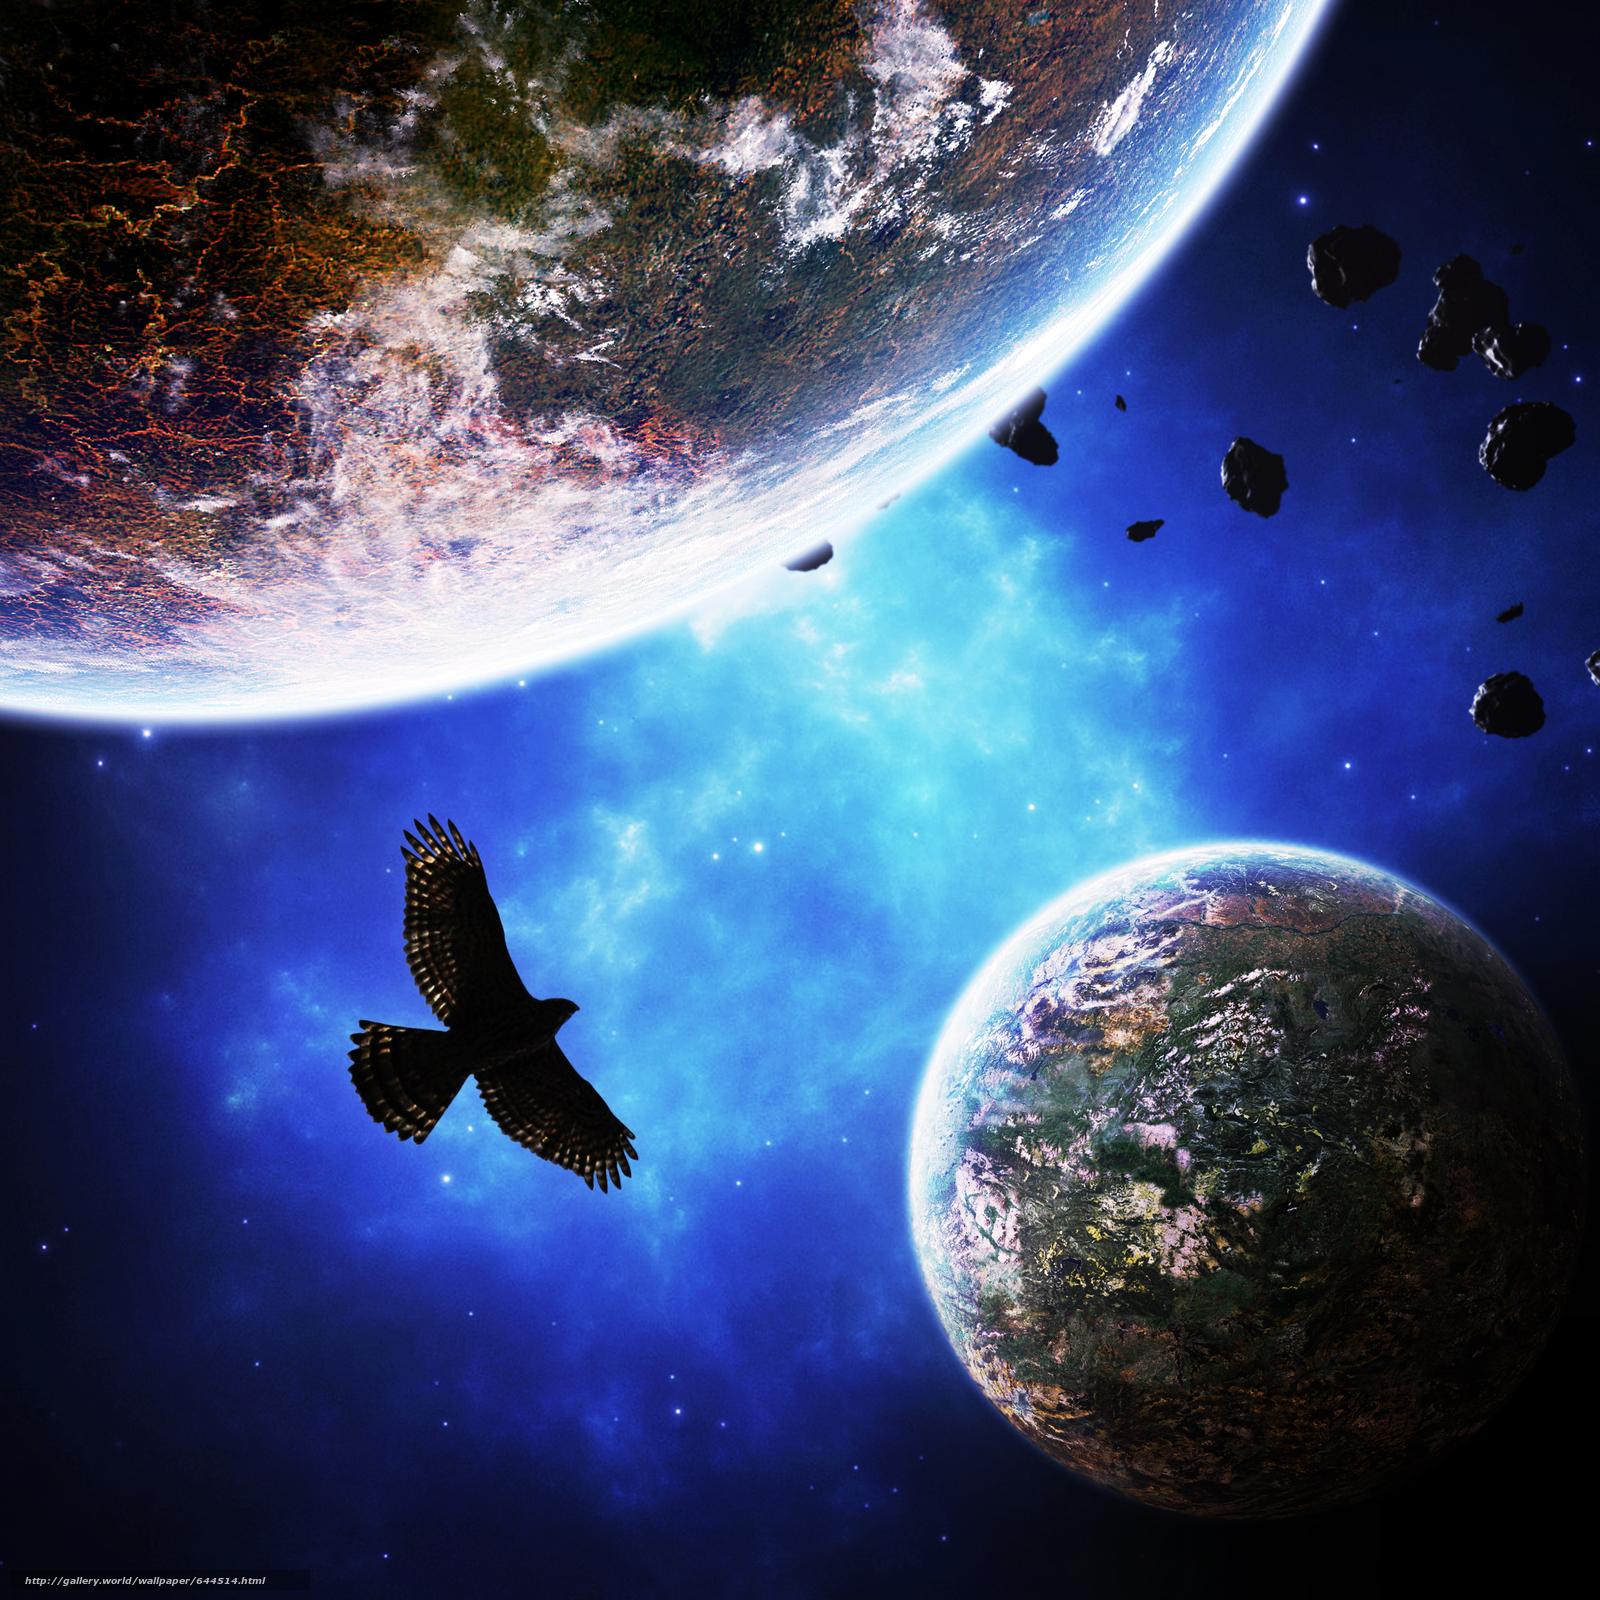 Скачать обои космос,  планеты,  3d,  art бесплатно для рабочего стола в разрешении 2500x2500 — картинка №644514